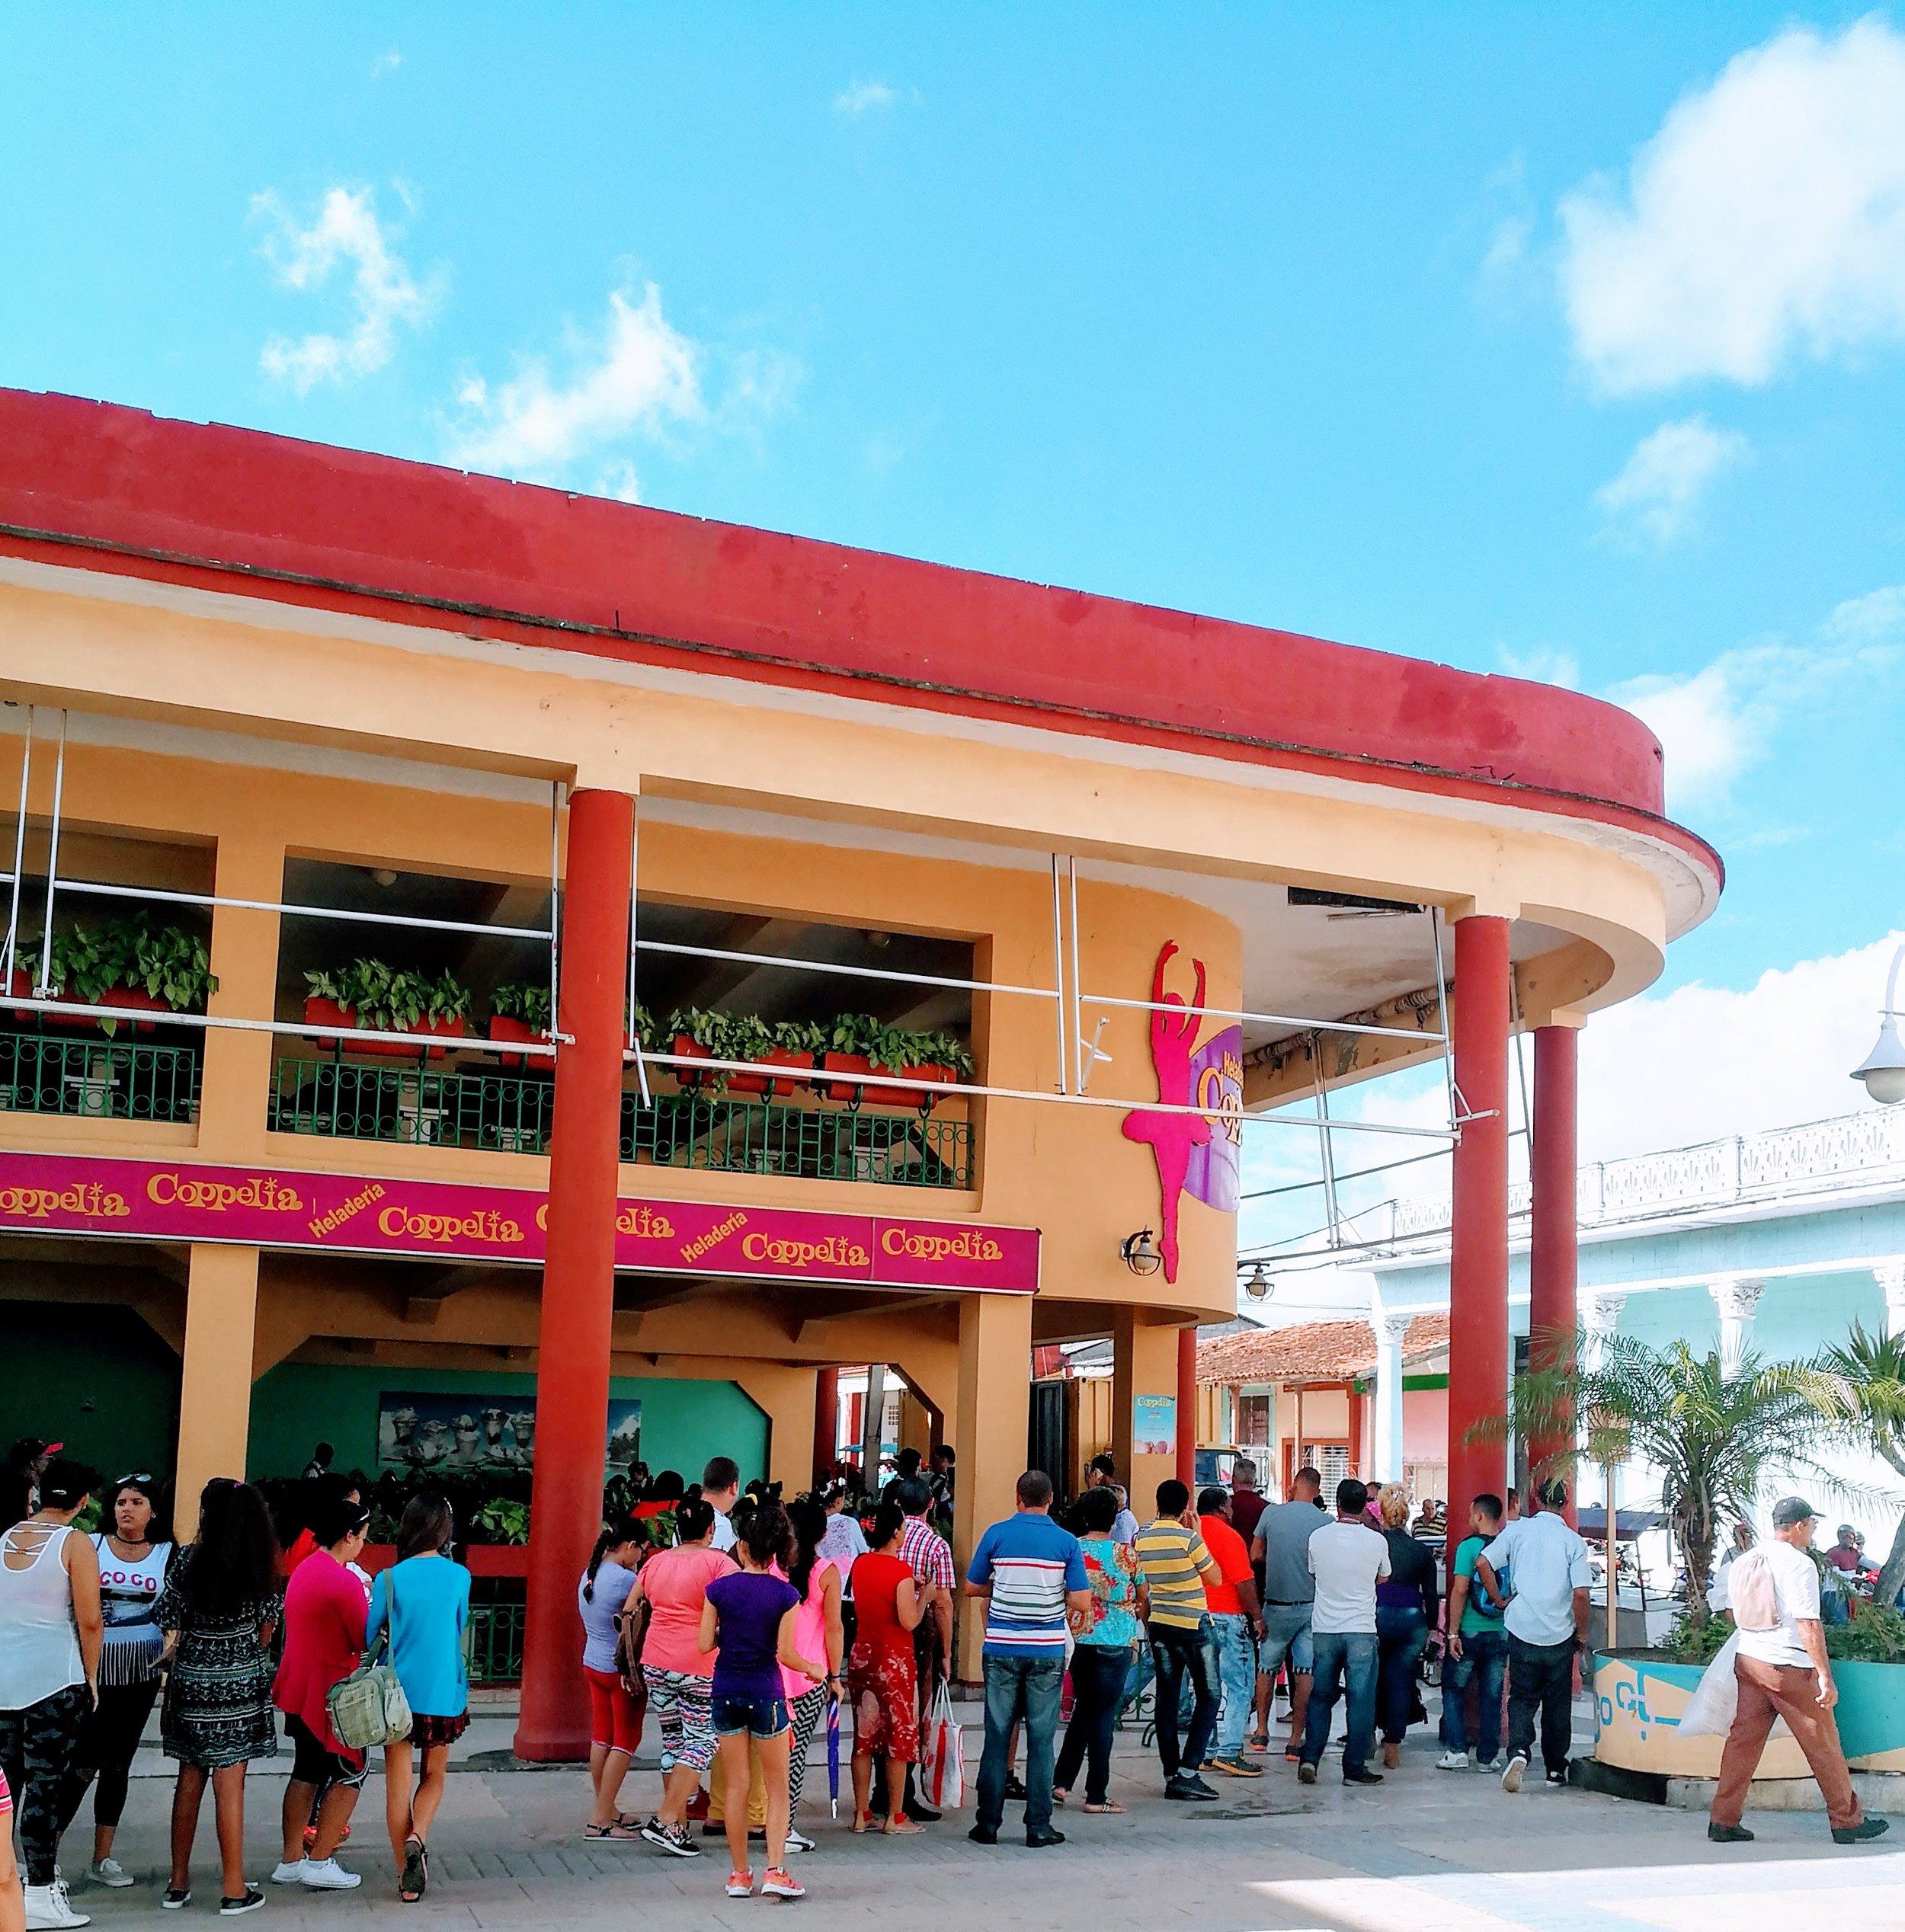 The line outside of La Coppèlia on an average afternoon in Ciego de Avila, Cuba.